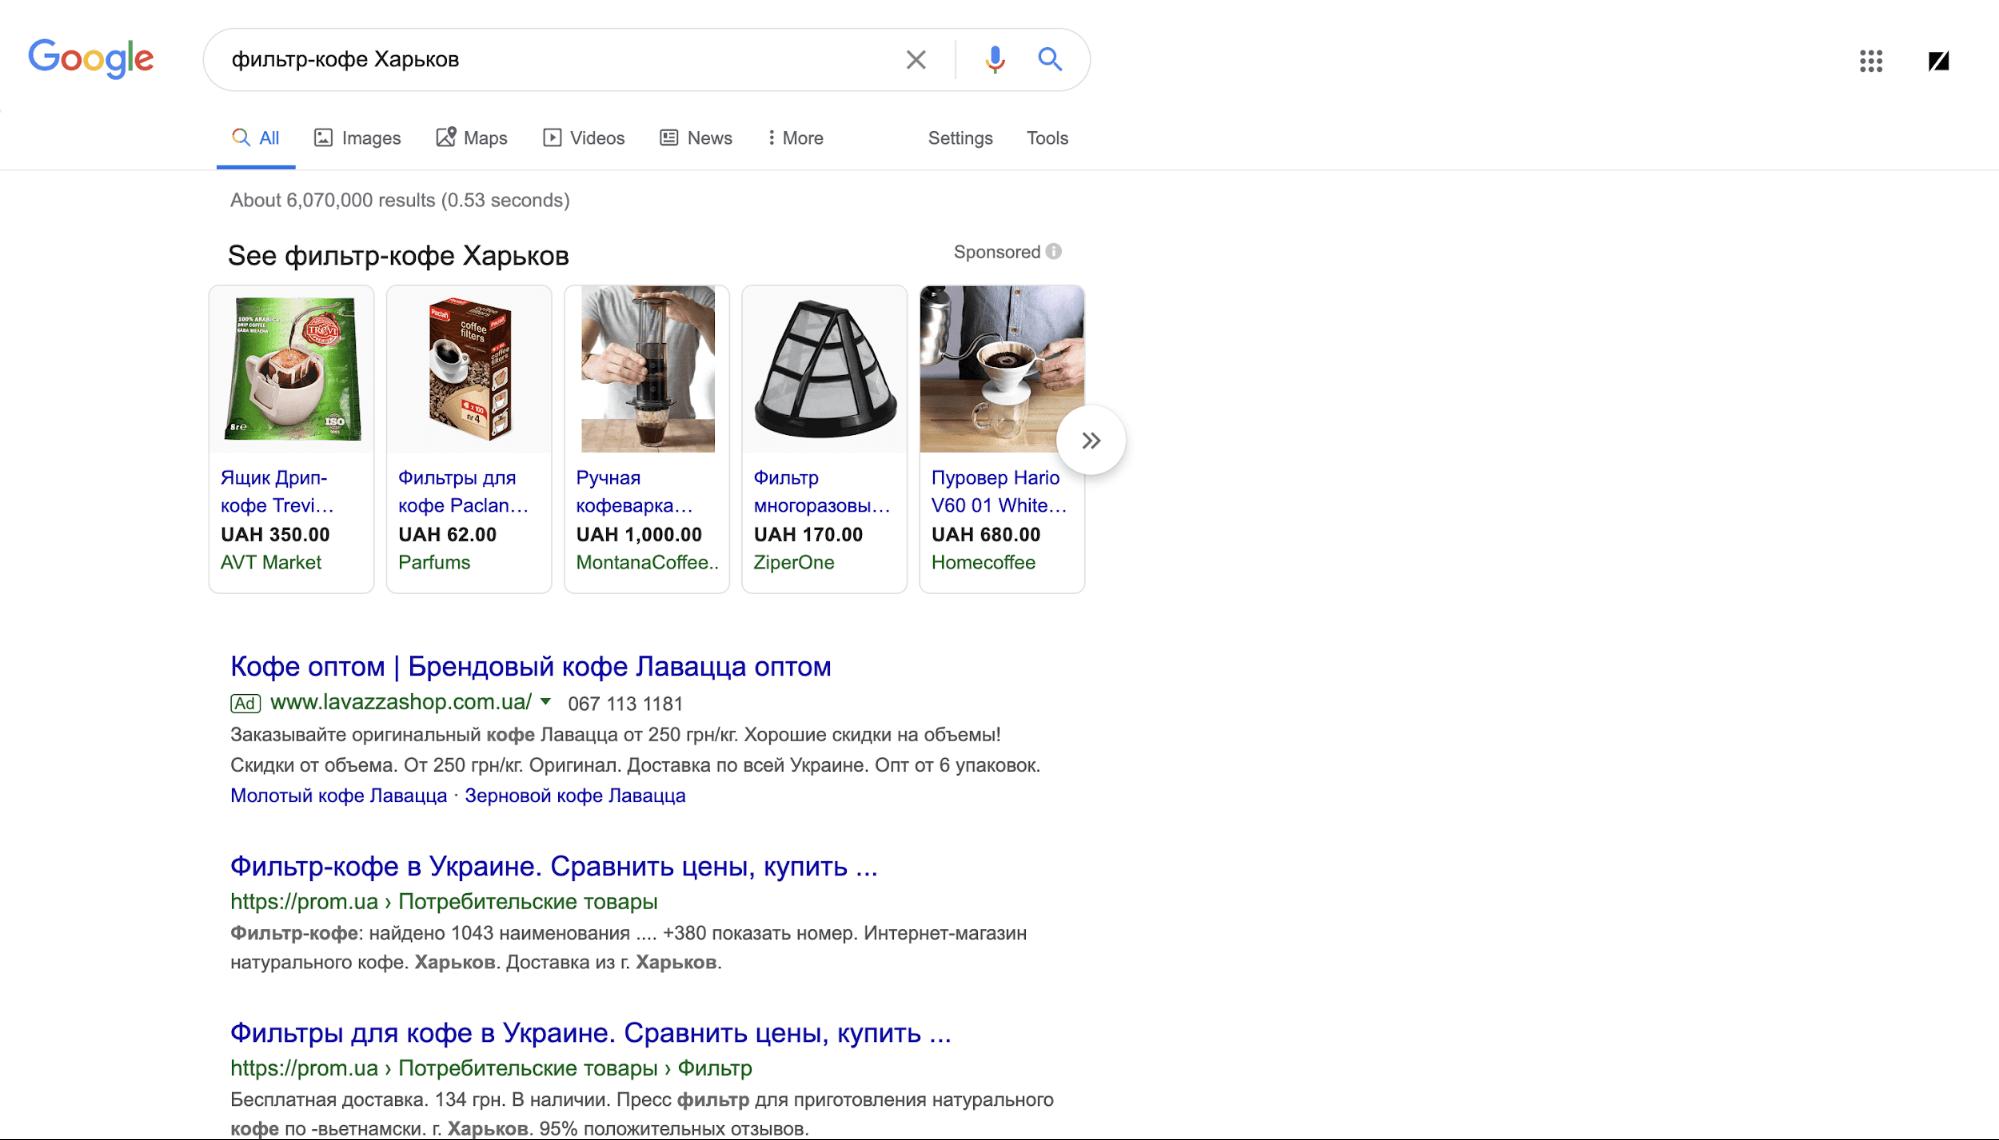 локальная выдача по запросу кофе Харьков